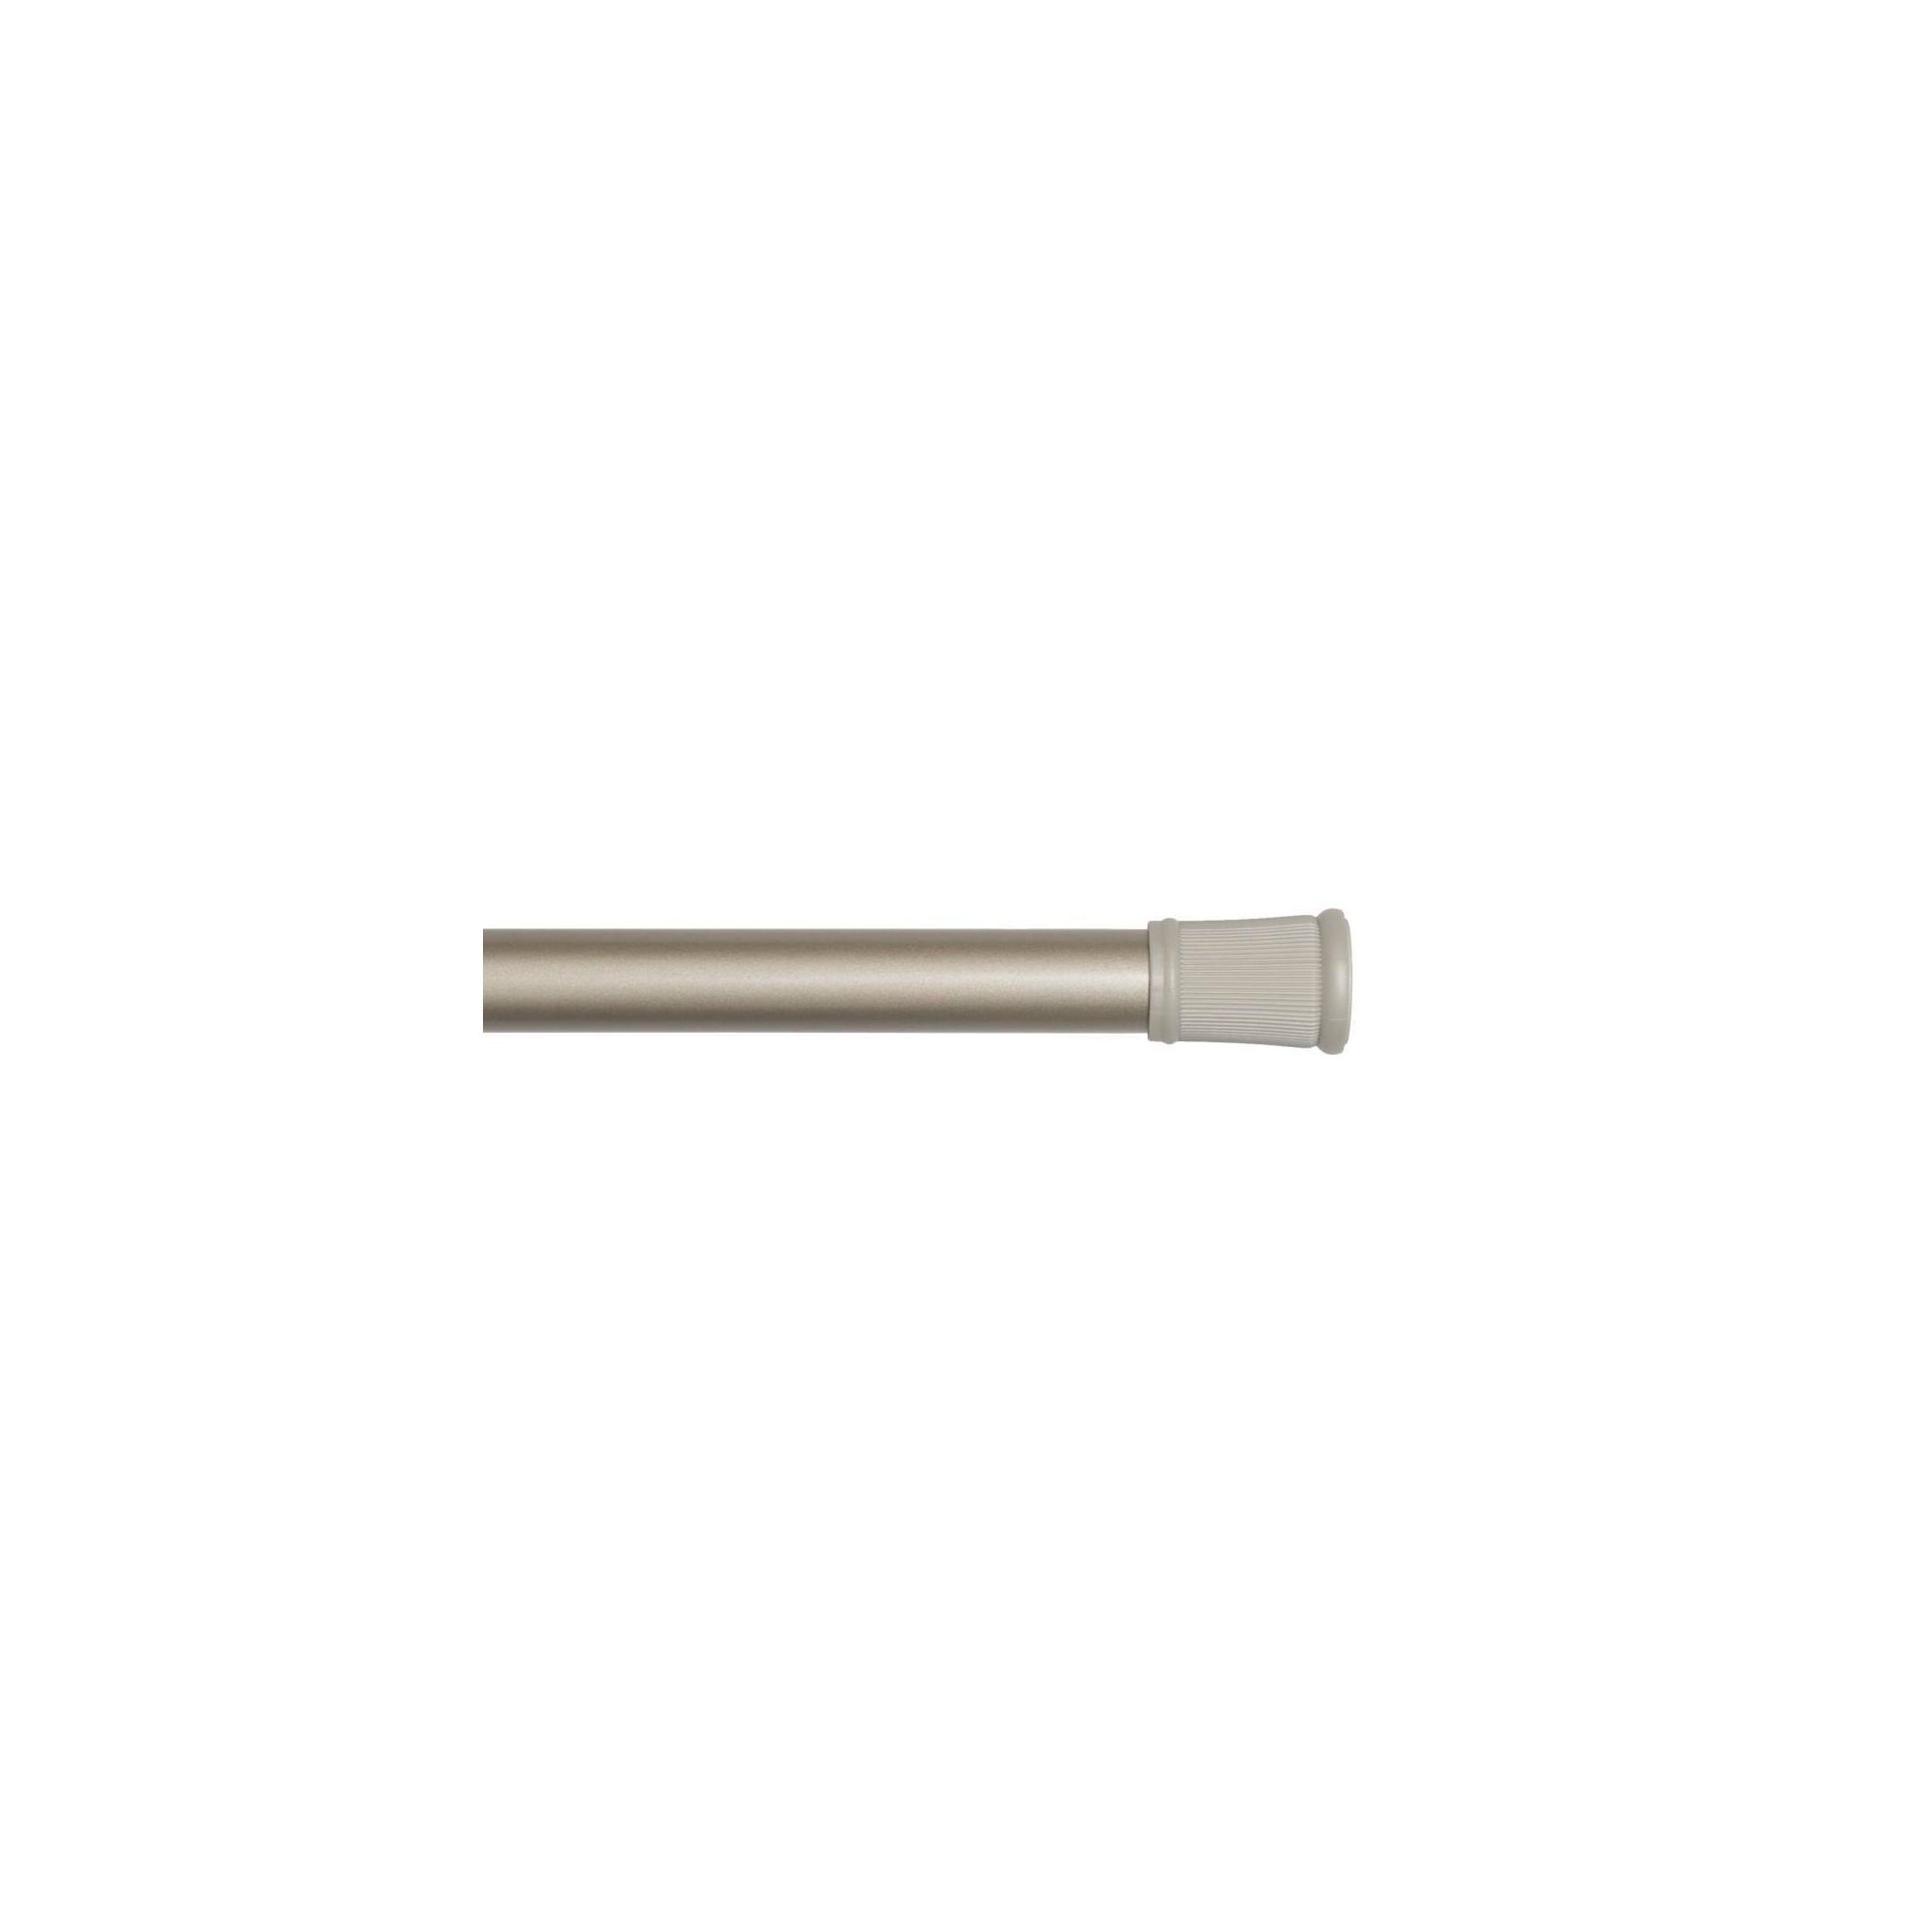 Steel Tension Rod Brushed Nickel Room Essentials Brushed